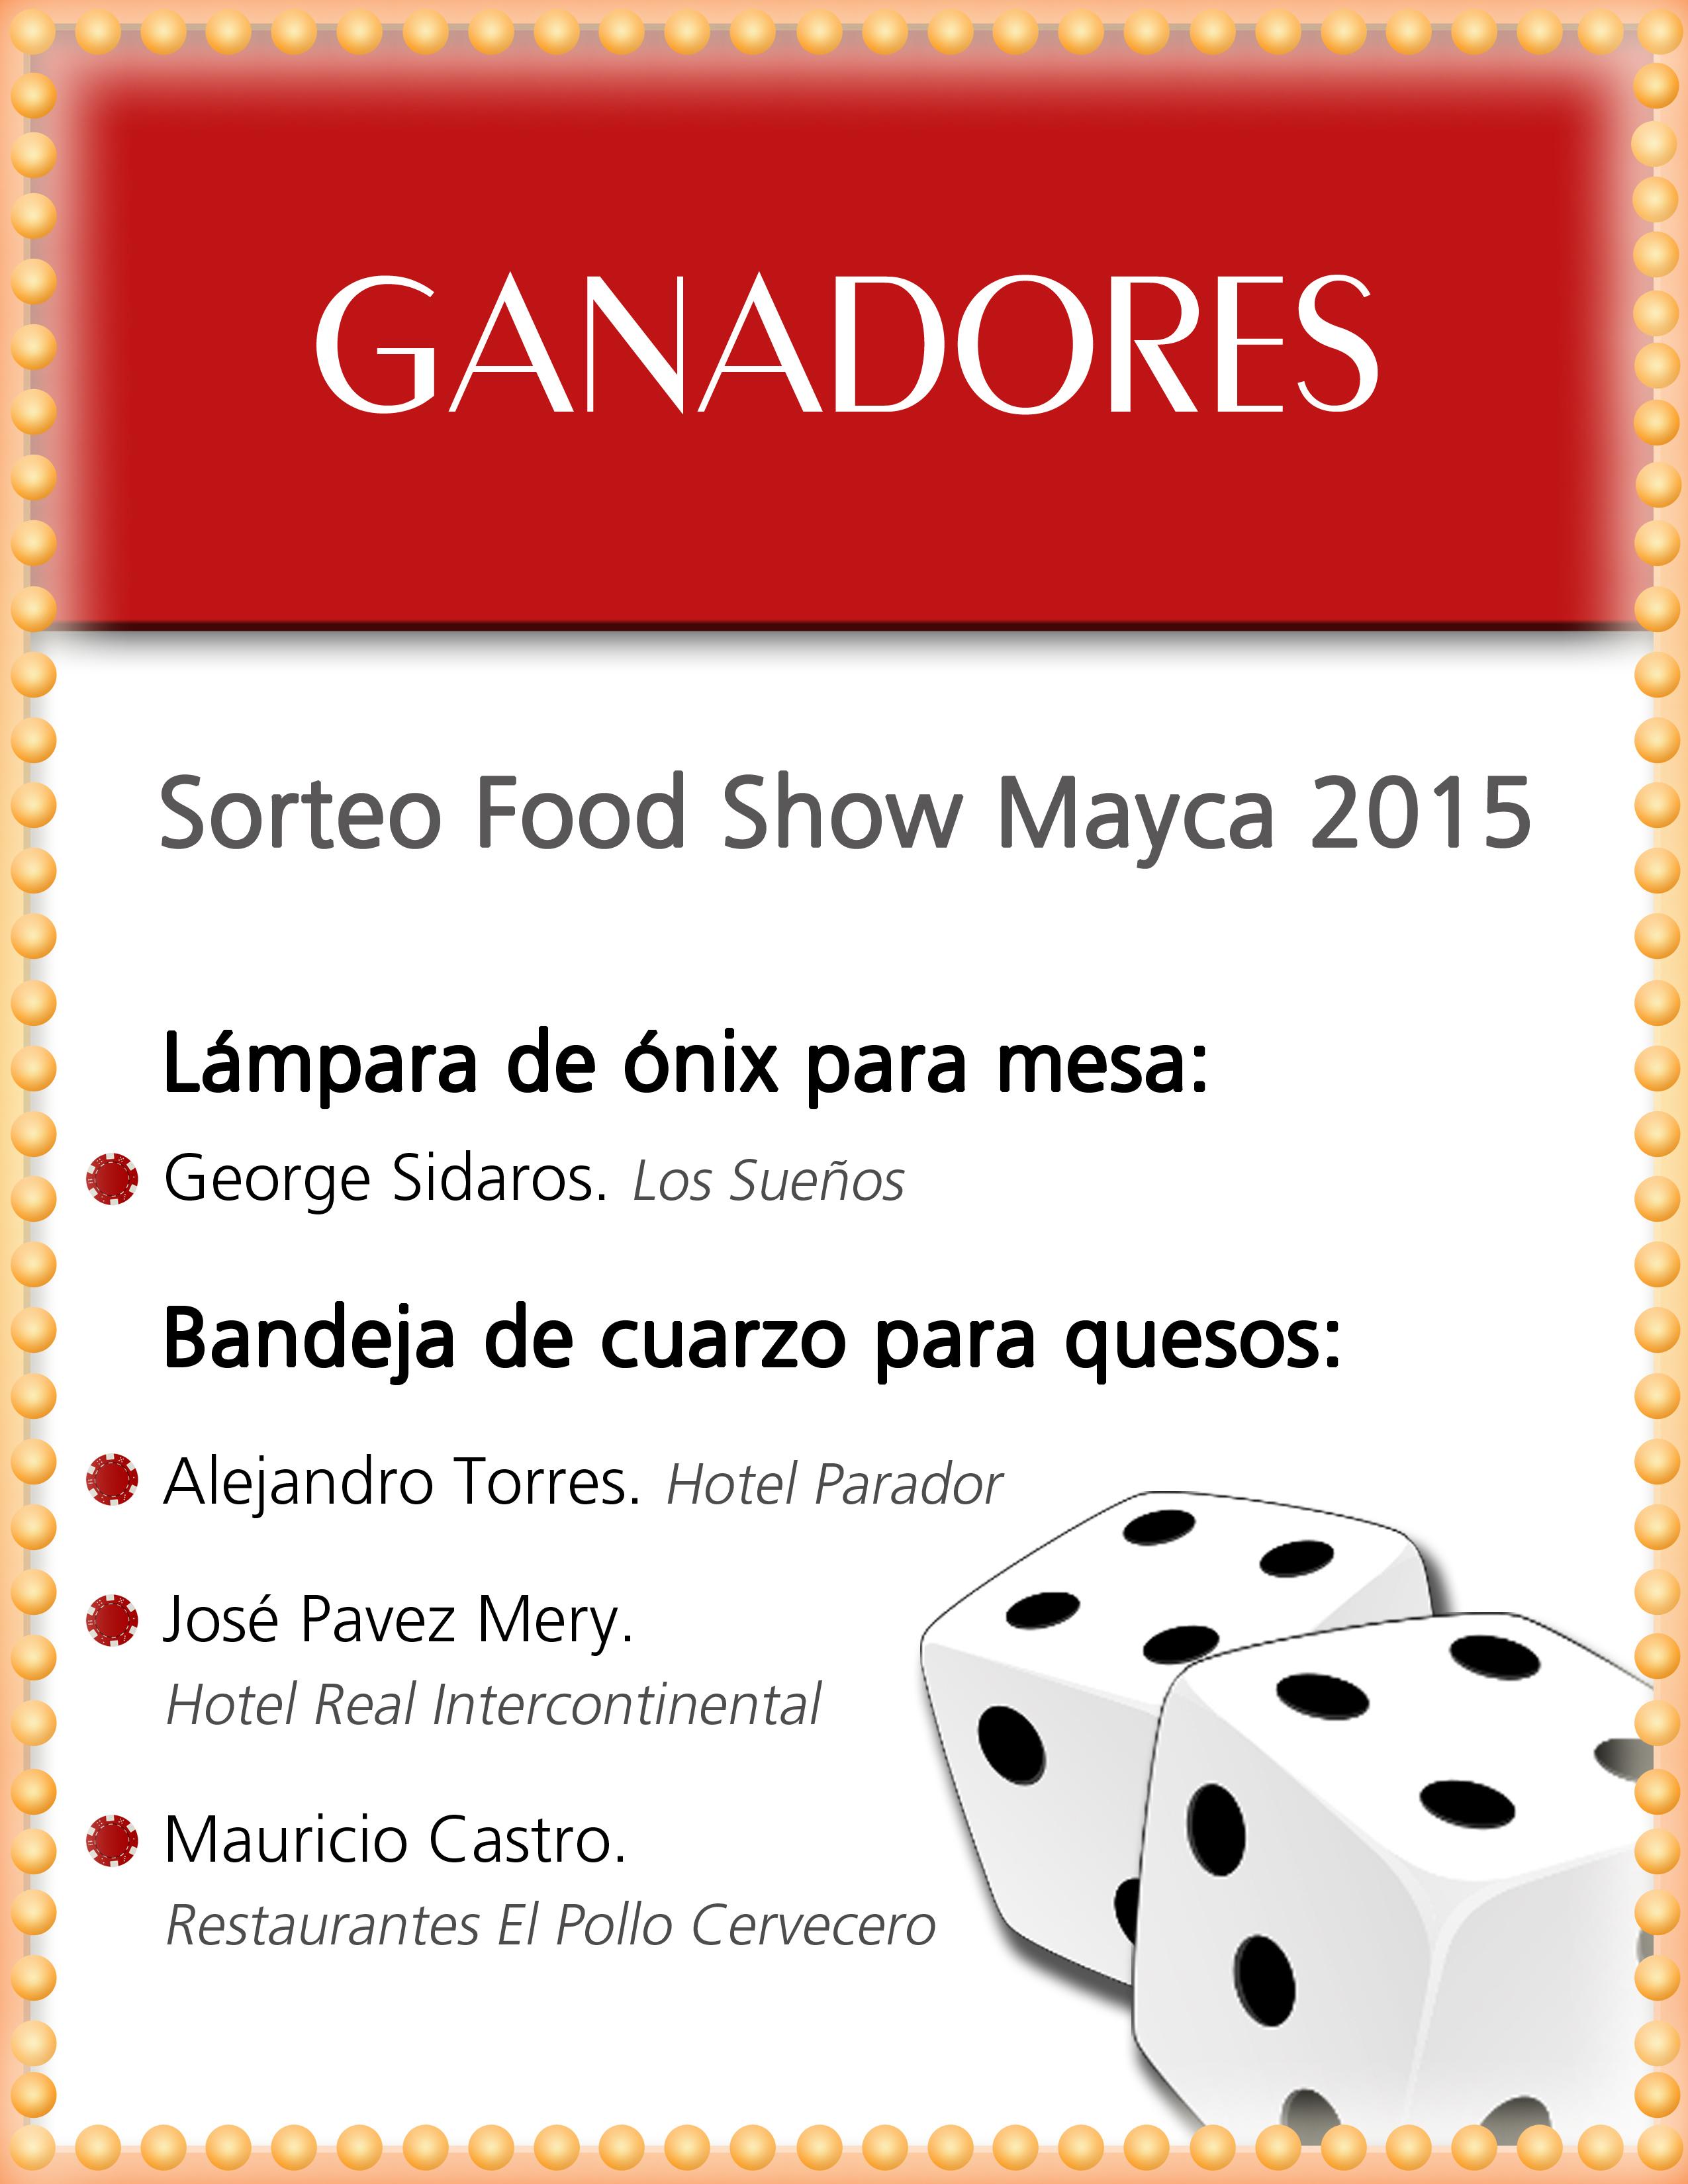 GANADORES SORTEO FOOD SHOW MAYCA 2015